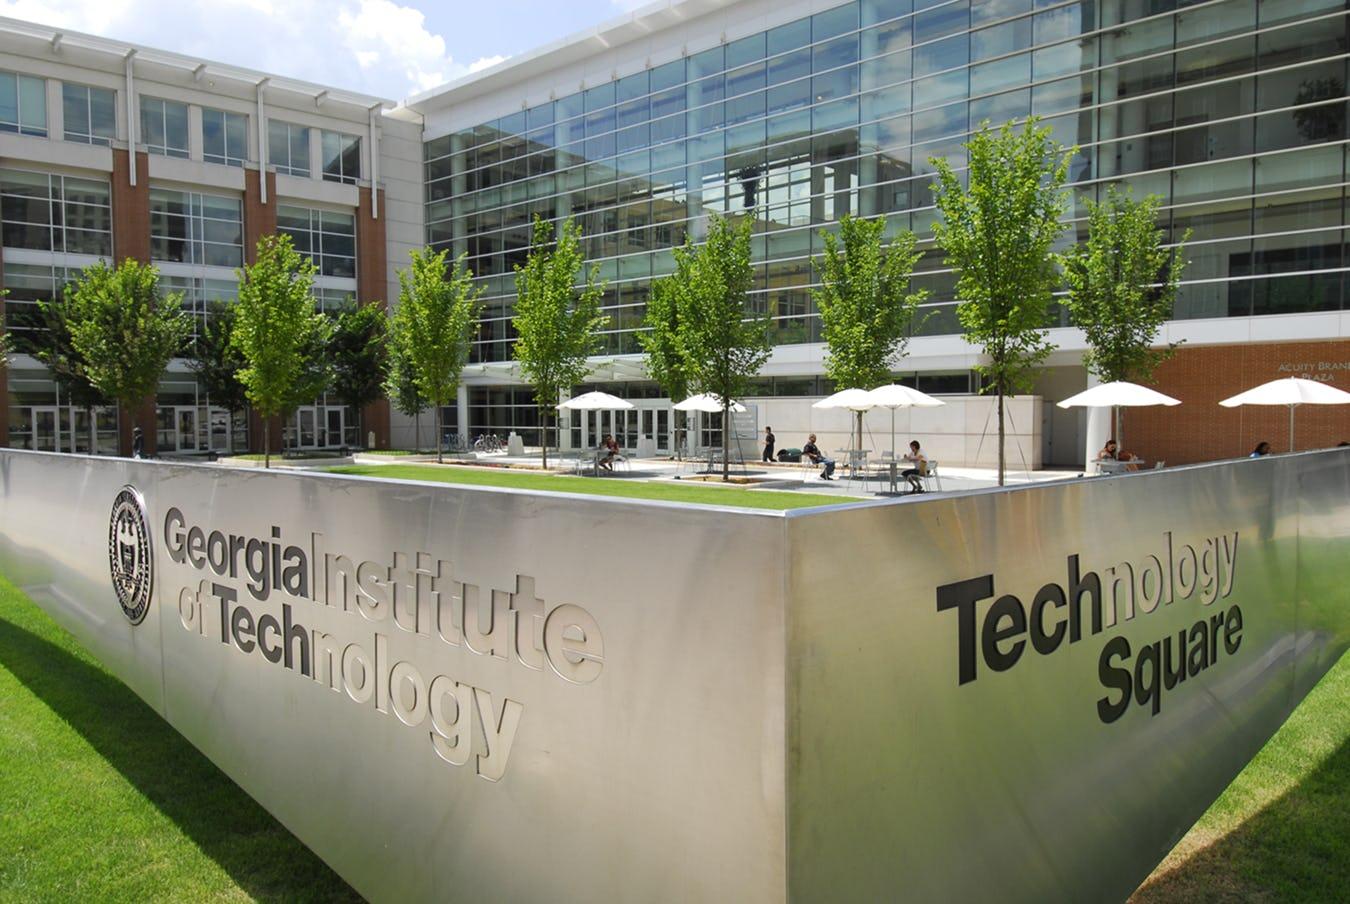 Georgia tech scheller outside